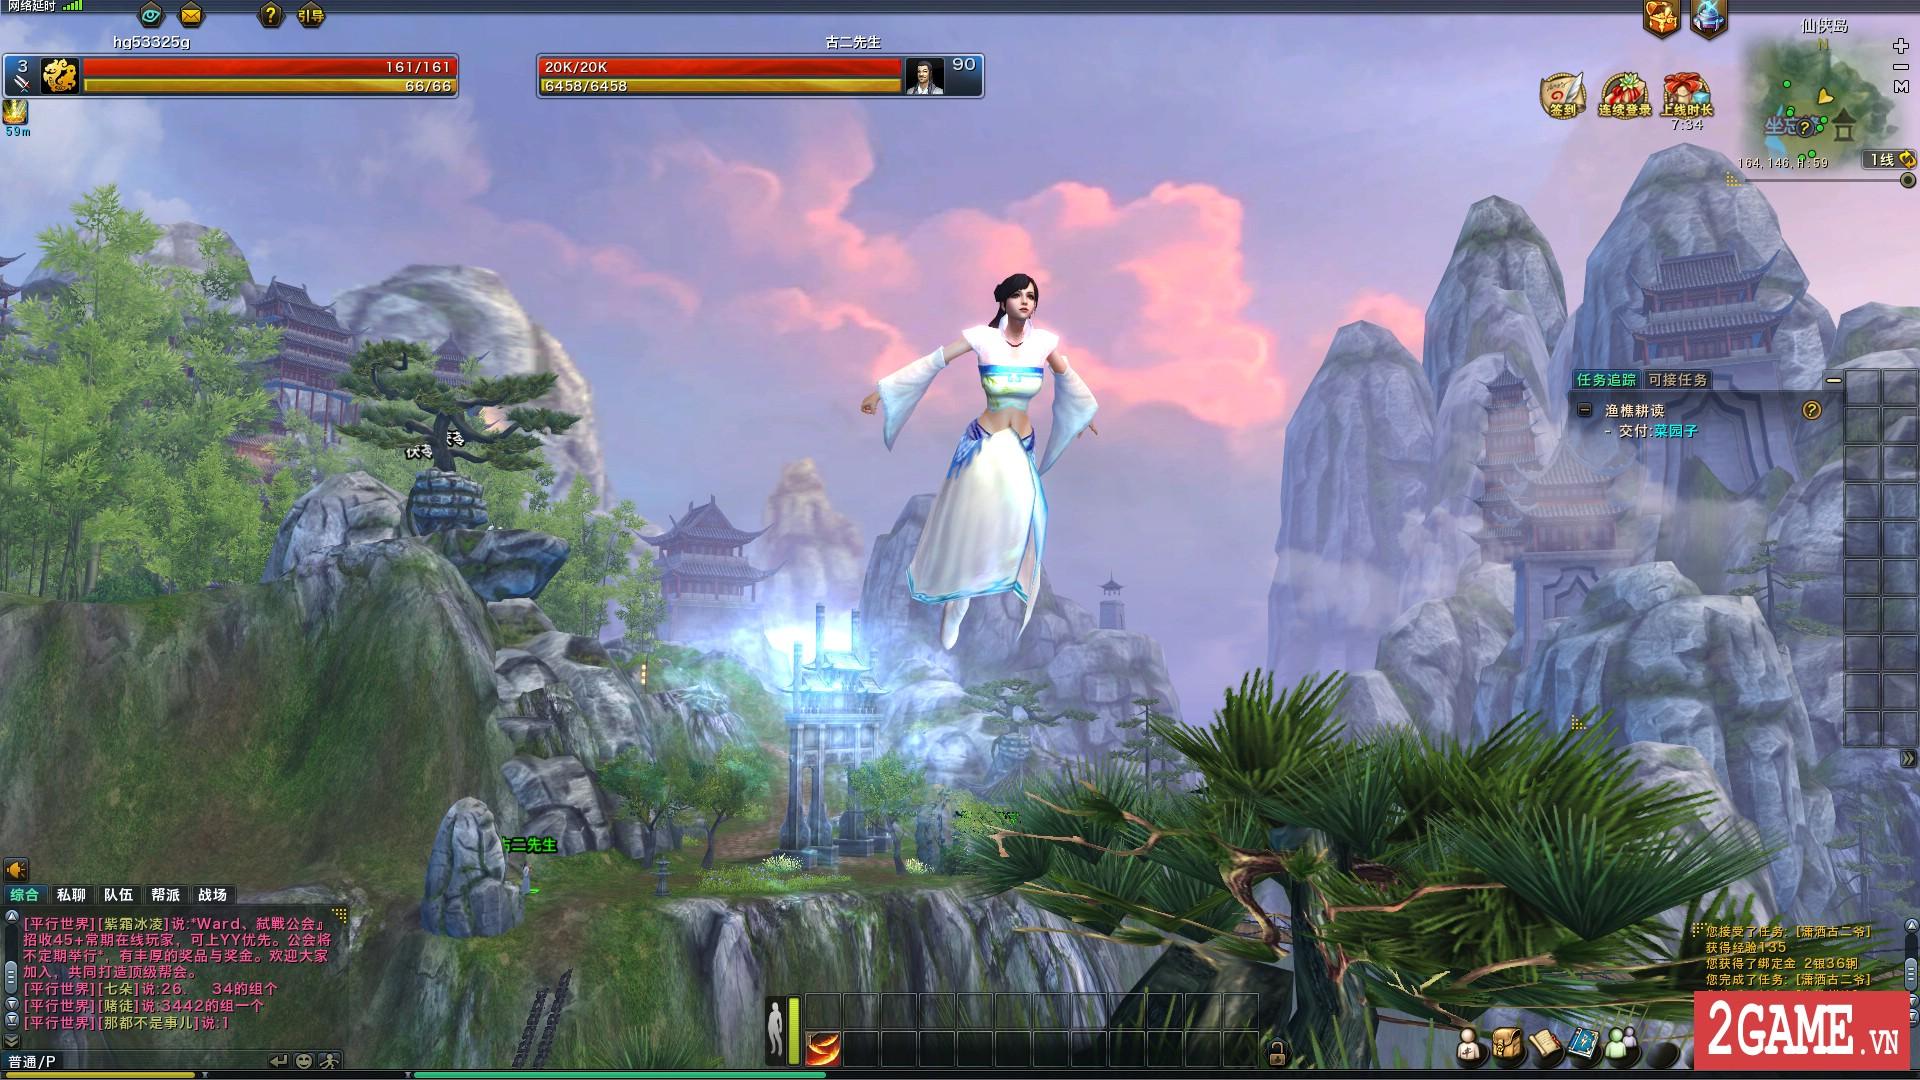 Infinite Worlds – Siêu phẩm game nhập vai với bối cảnh mới lạ chưa từng thấy 5